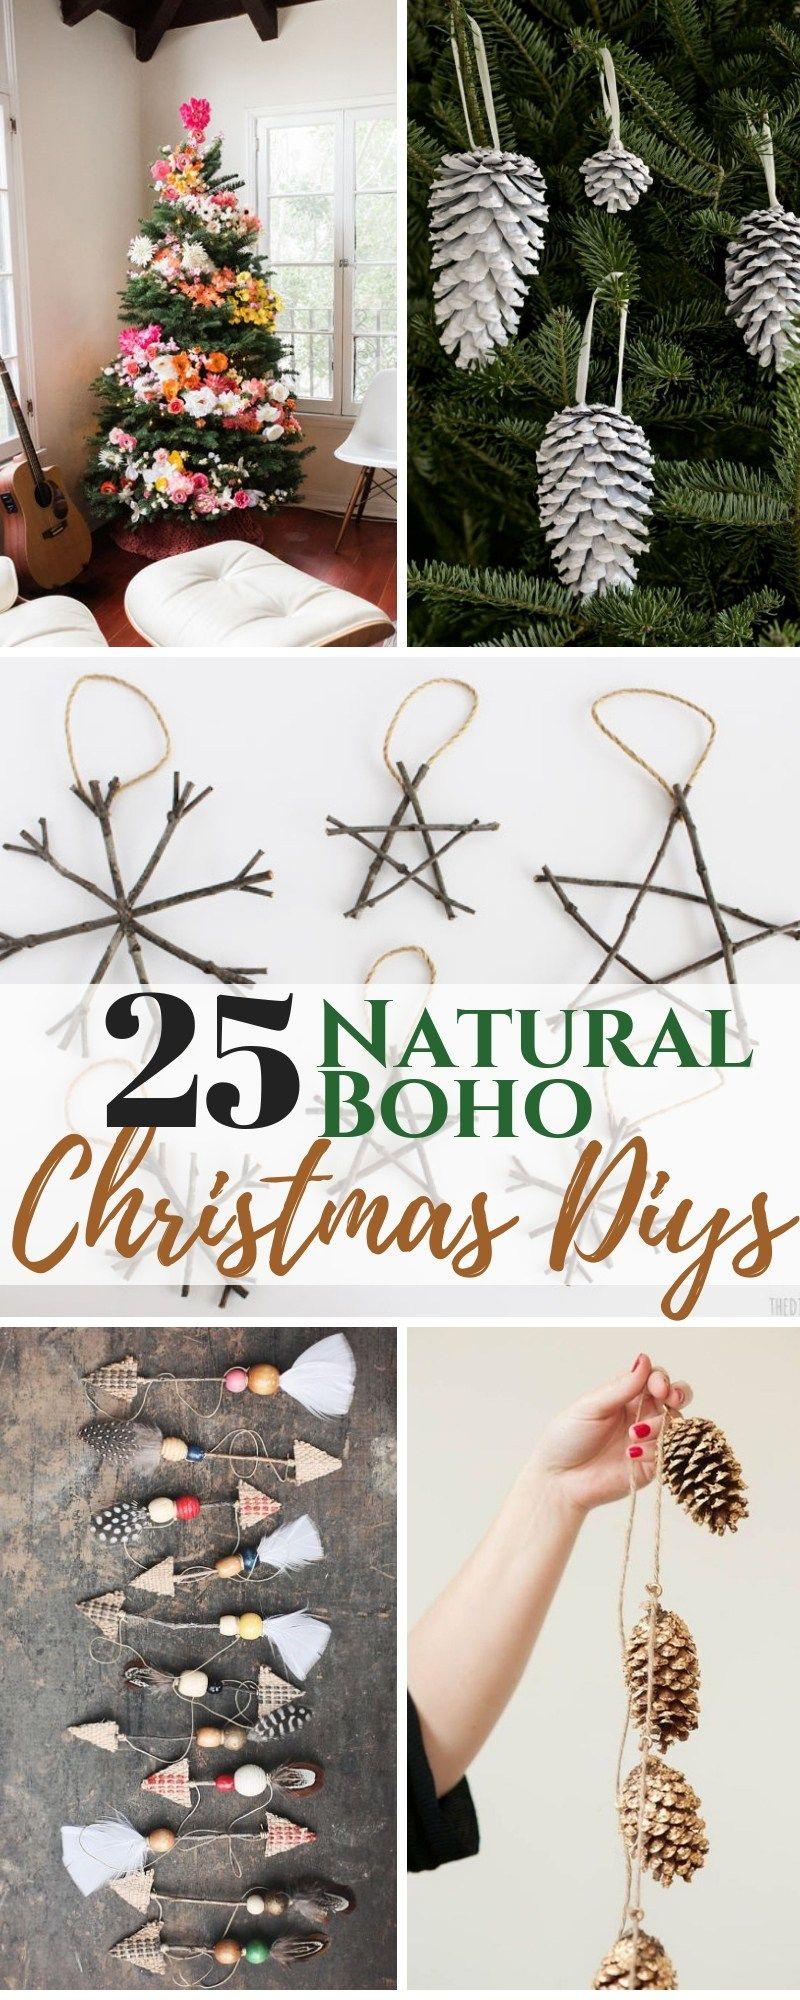 25 DIY Boho Chic Christmas Decor Ideas images